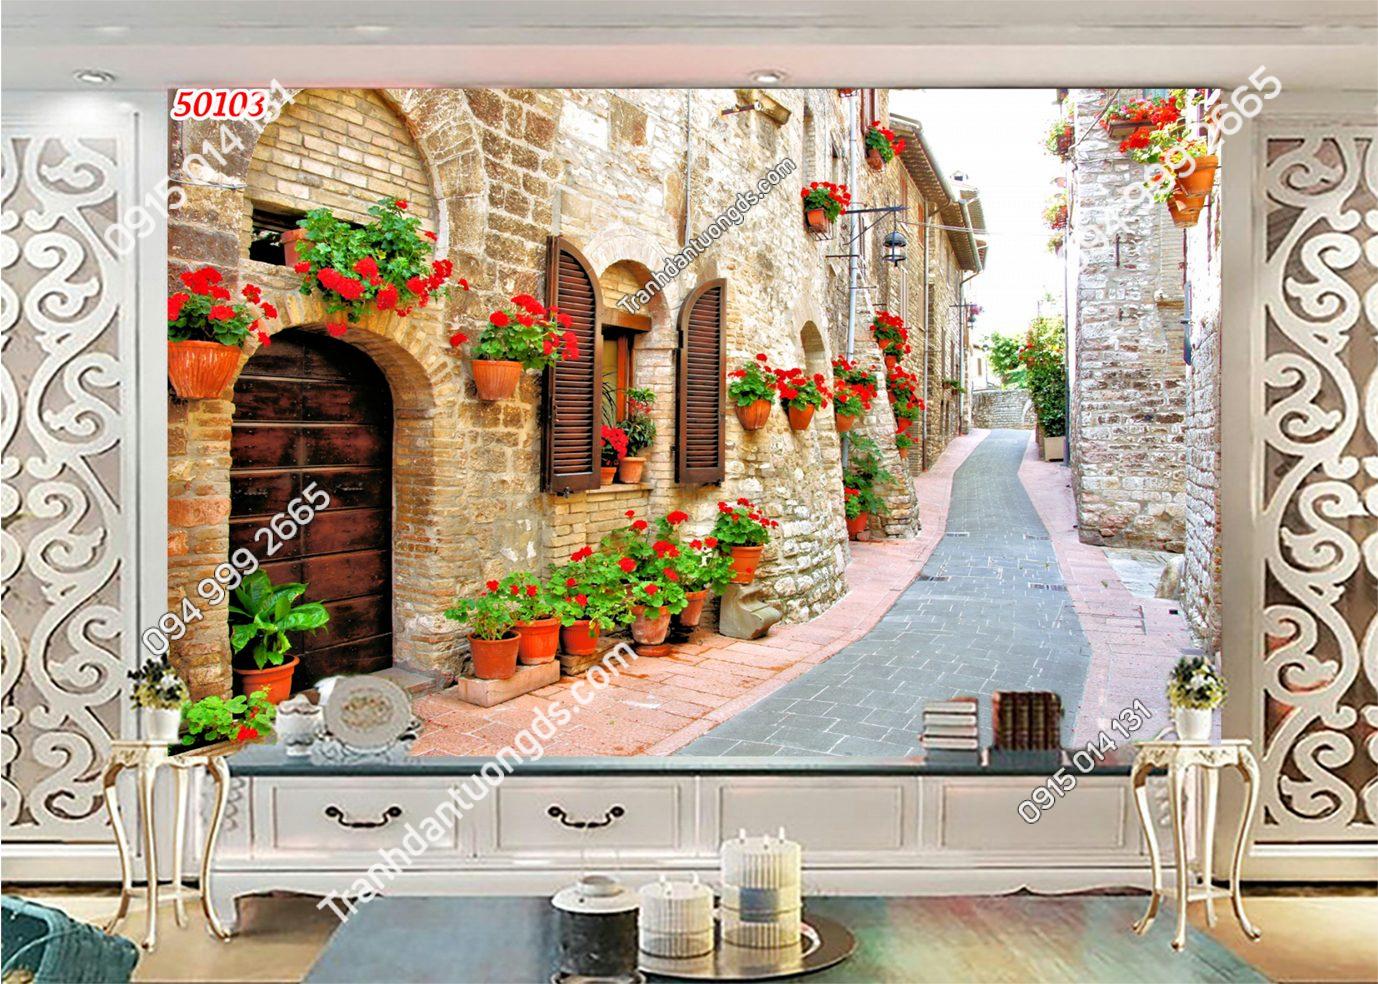 Tranh dán tường hẻm hoa châu Âu 50103